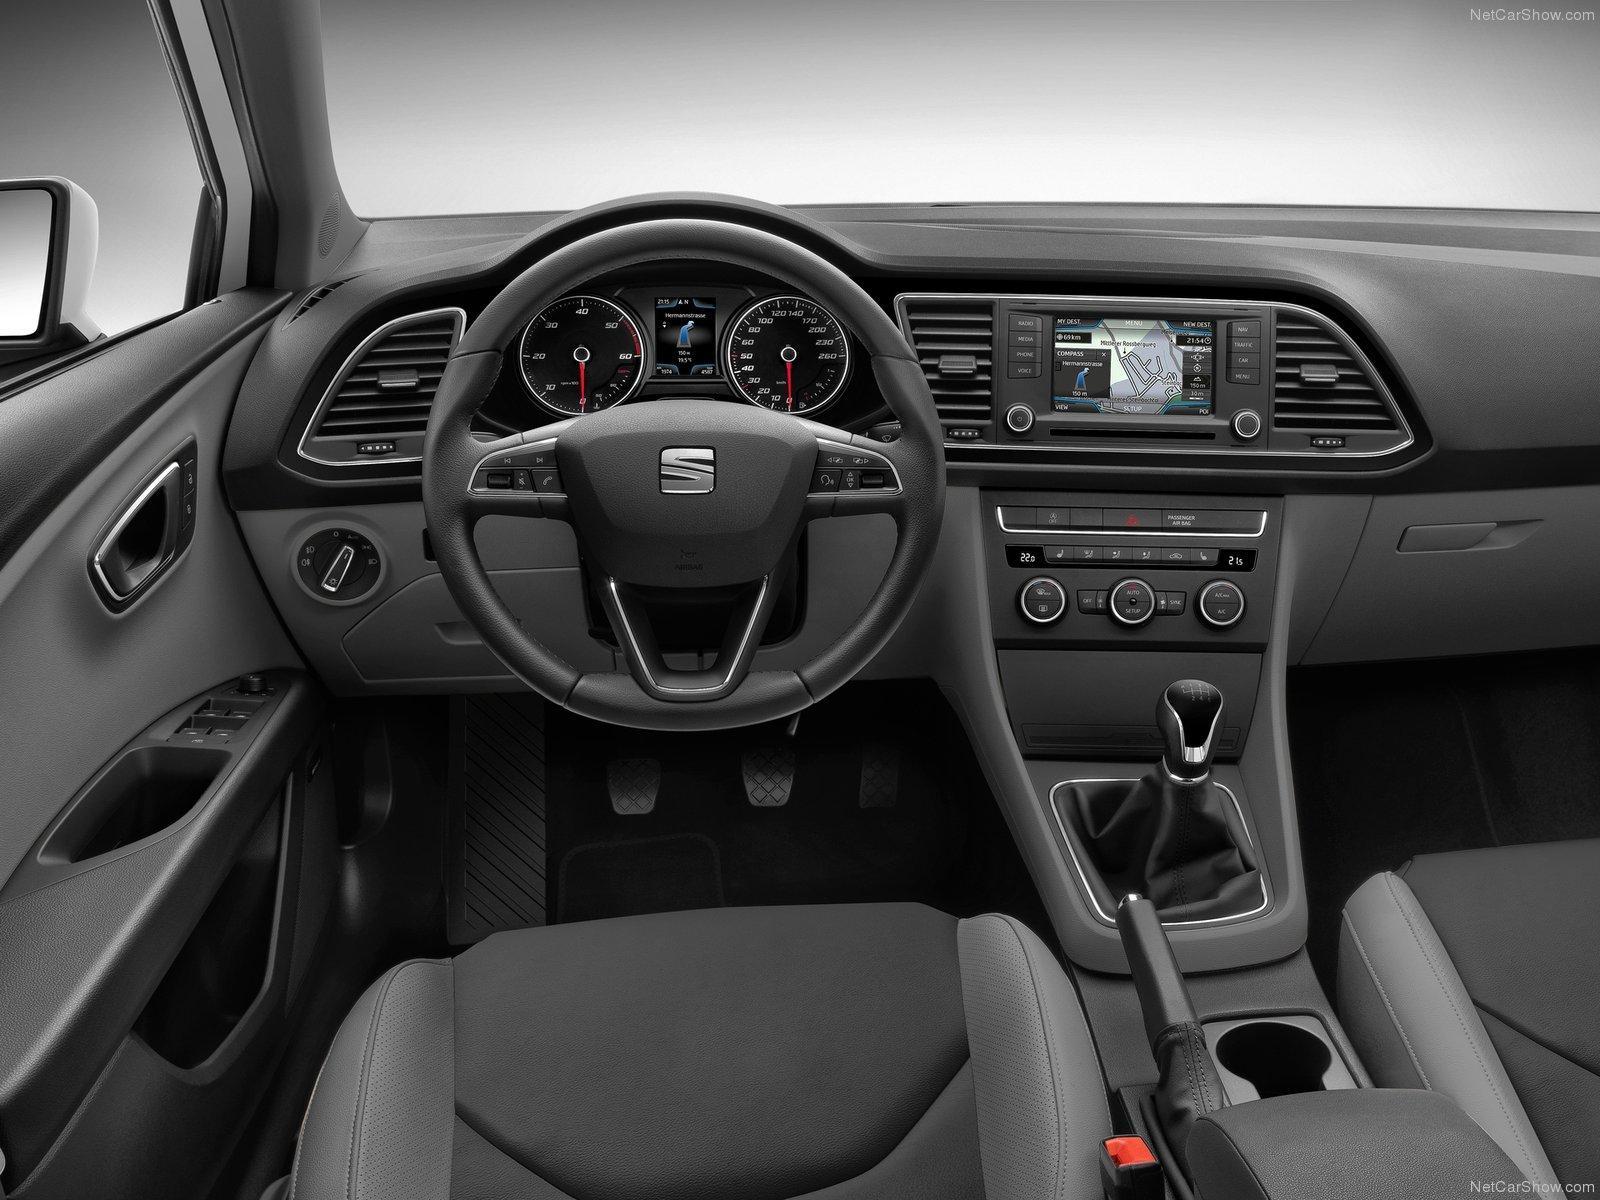 Seat Leon FR 2.0 TDI 184 PS Klimaautom. Bluetooth MFL Tempomat 17 ...